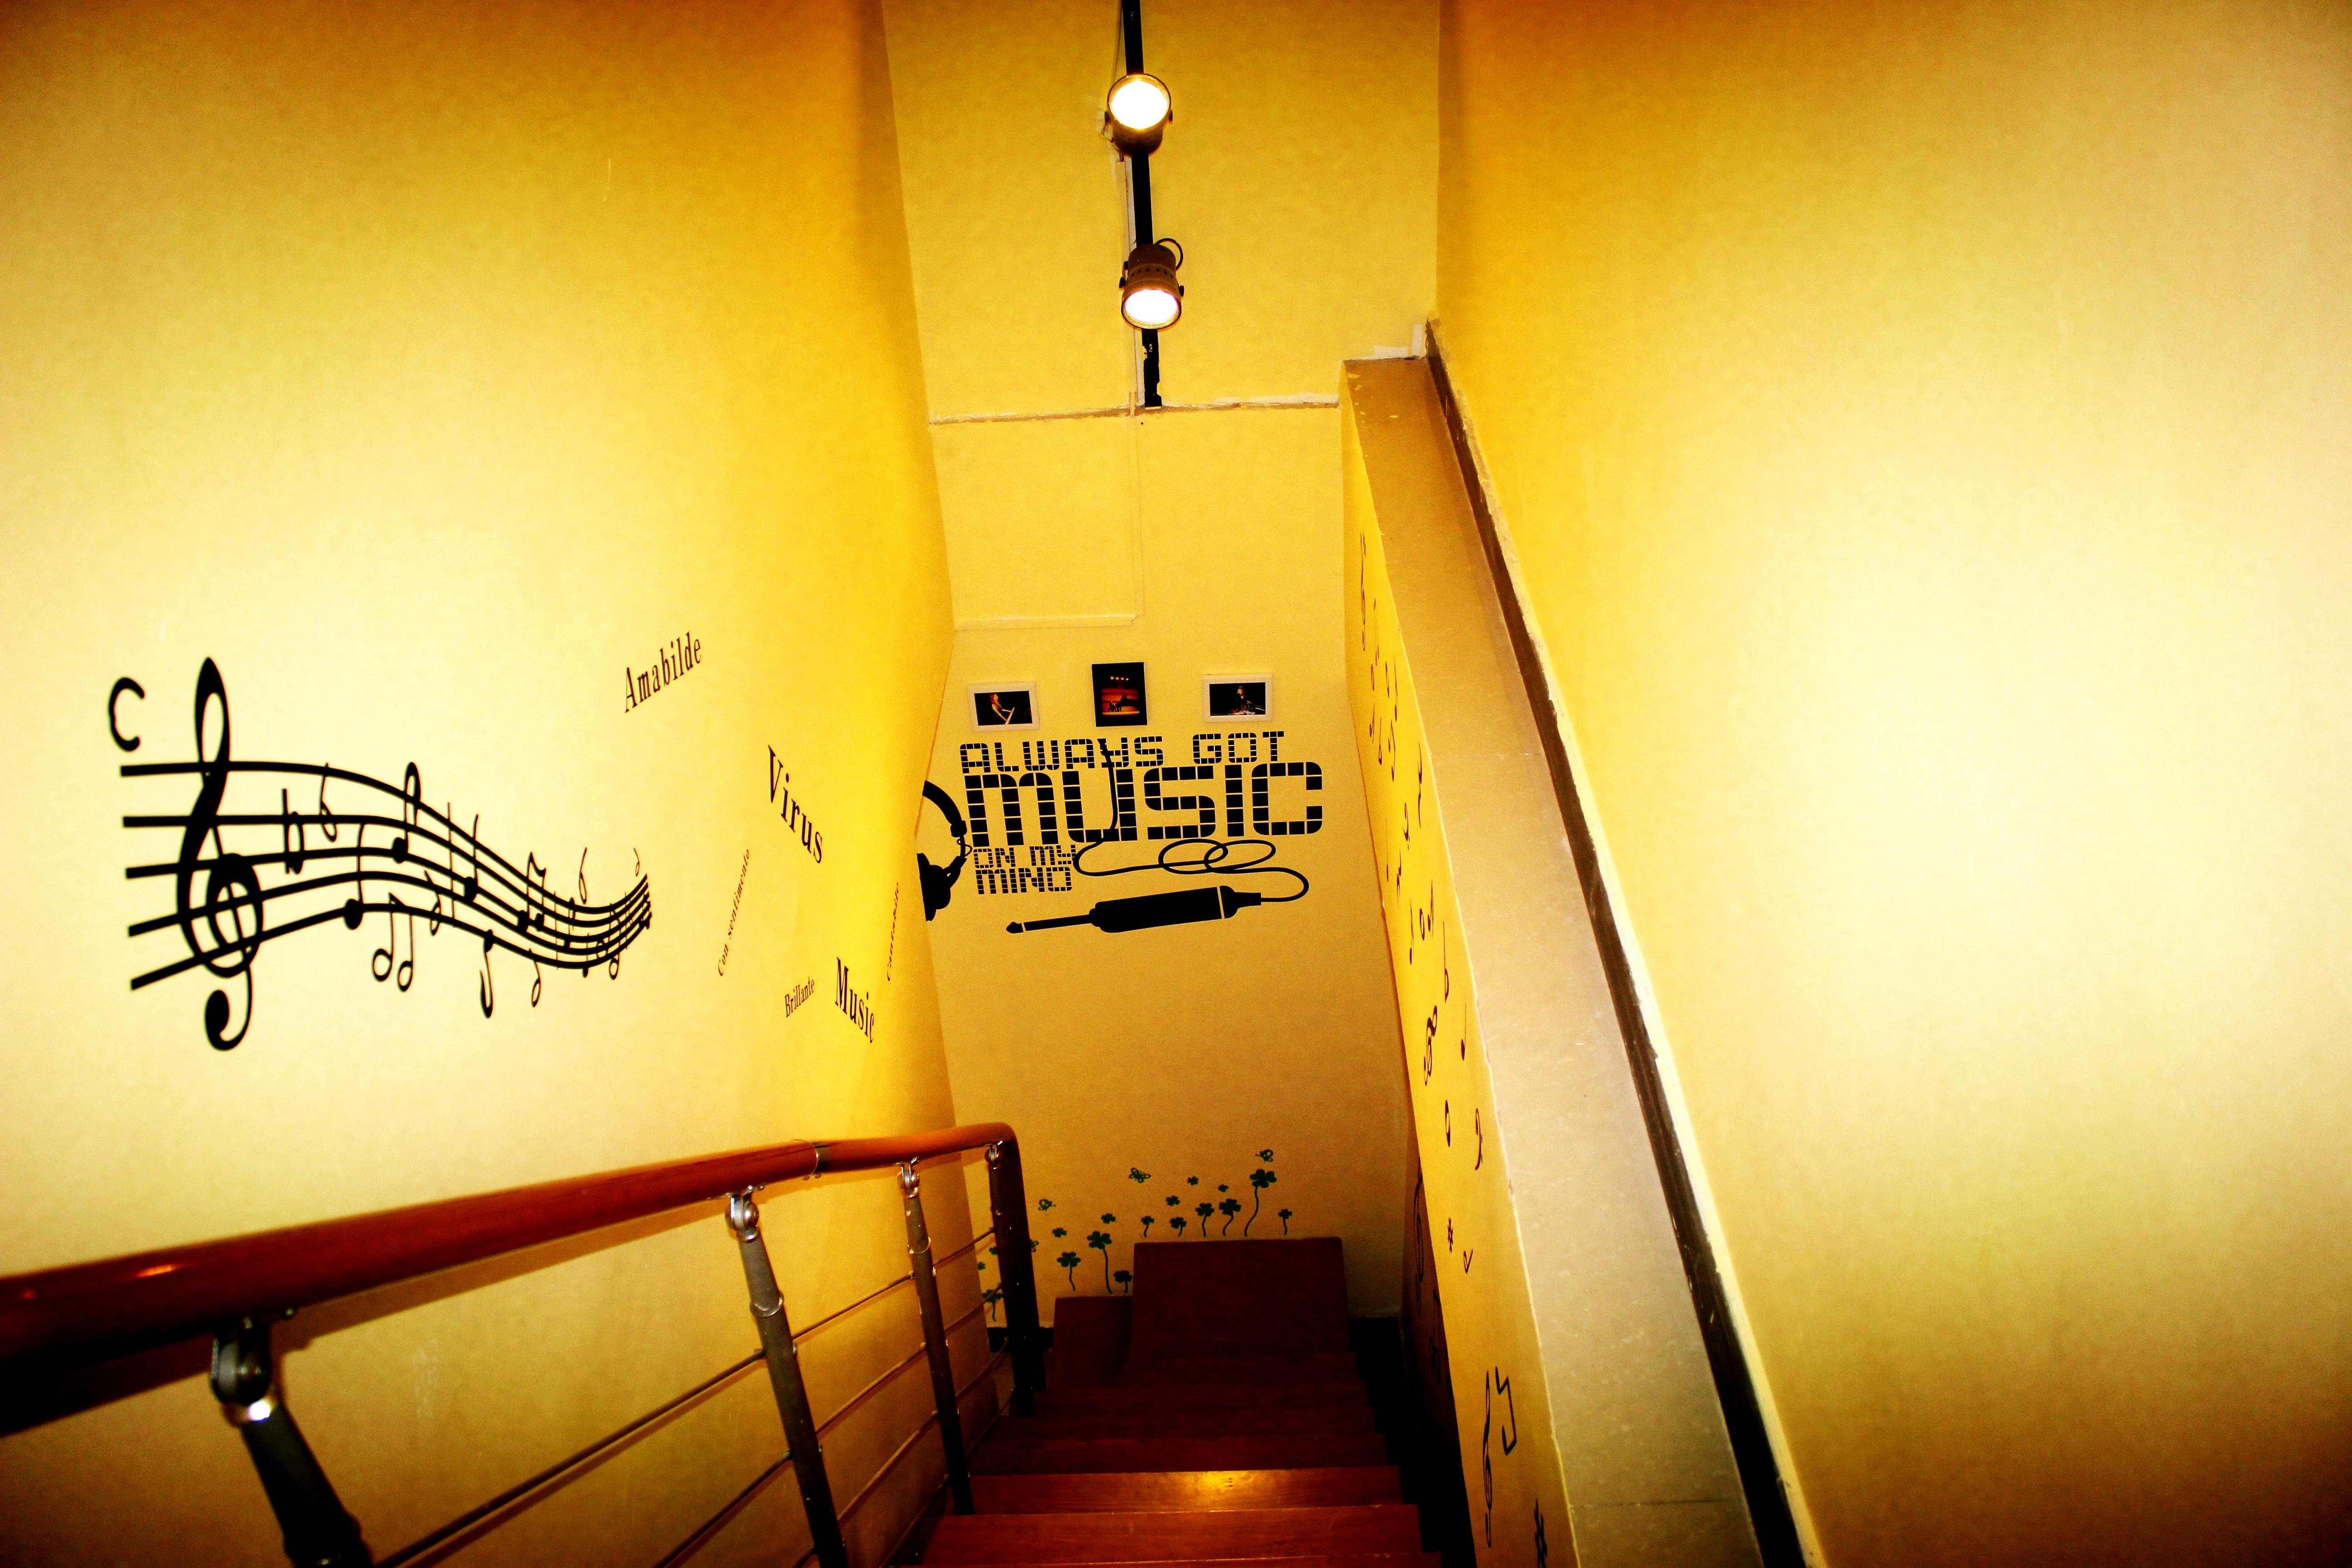 培训 中心 凡音(沈阳)音乐培训机构  凡音(沈阳)音乐培训机构成立于